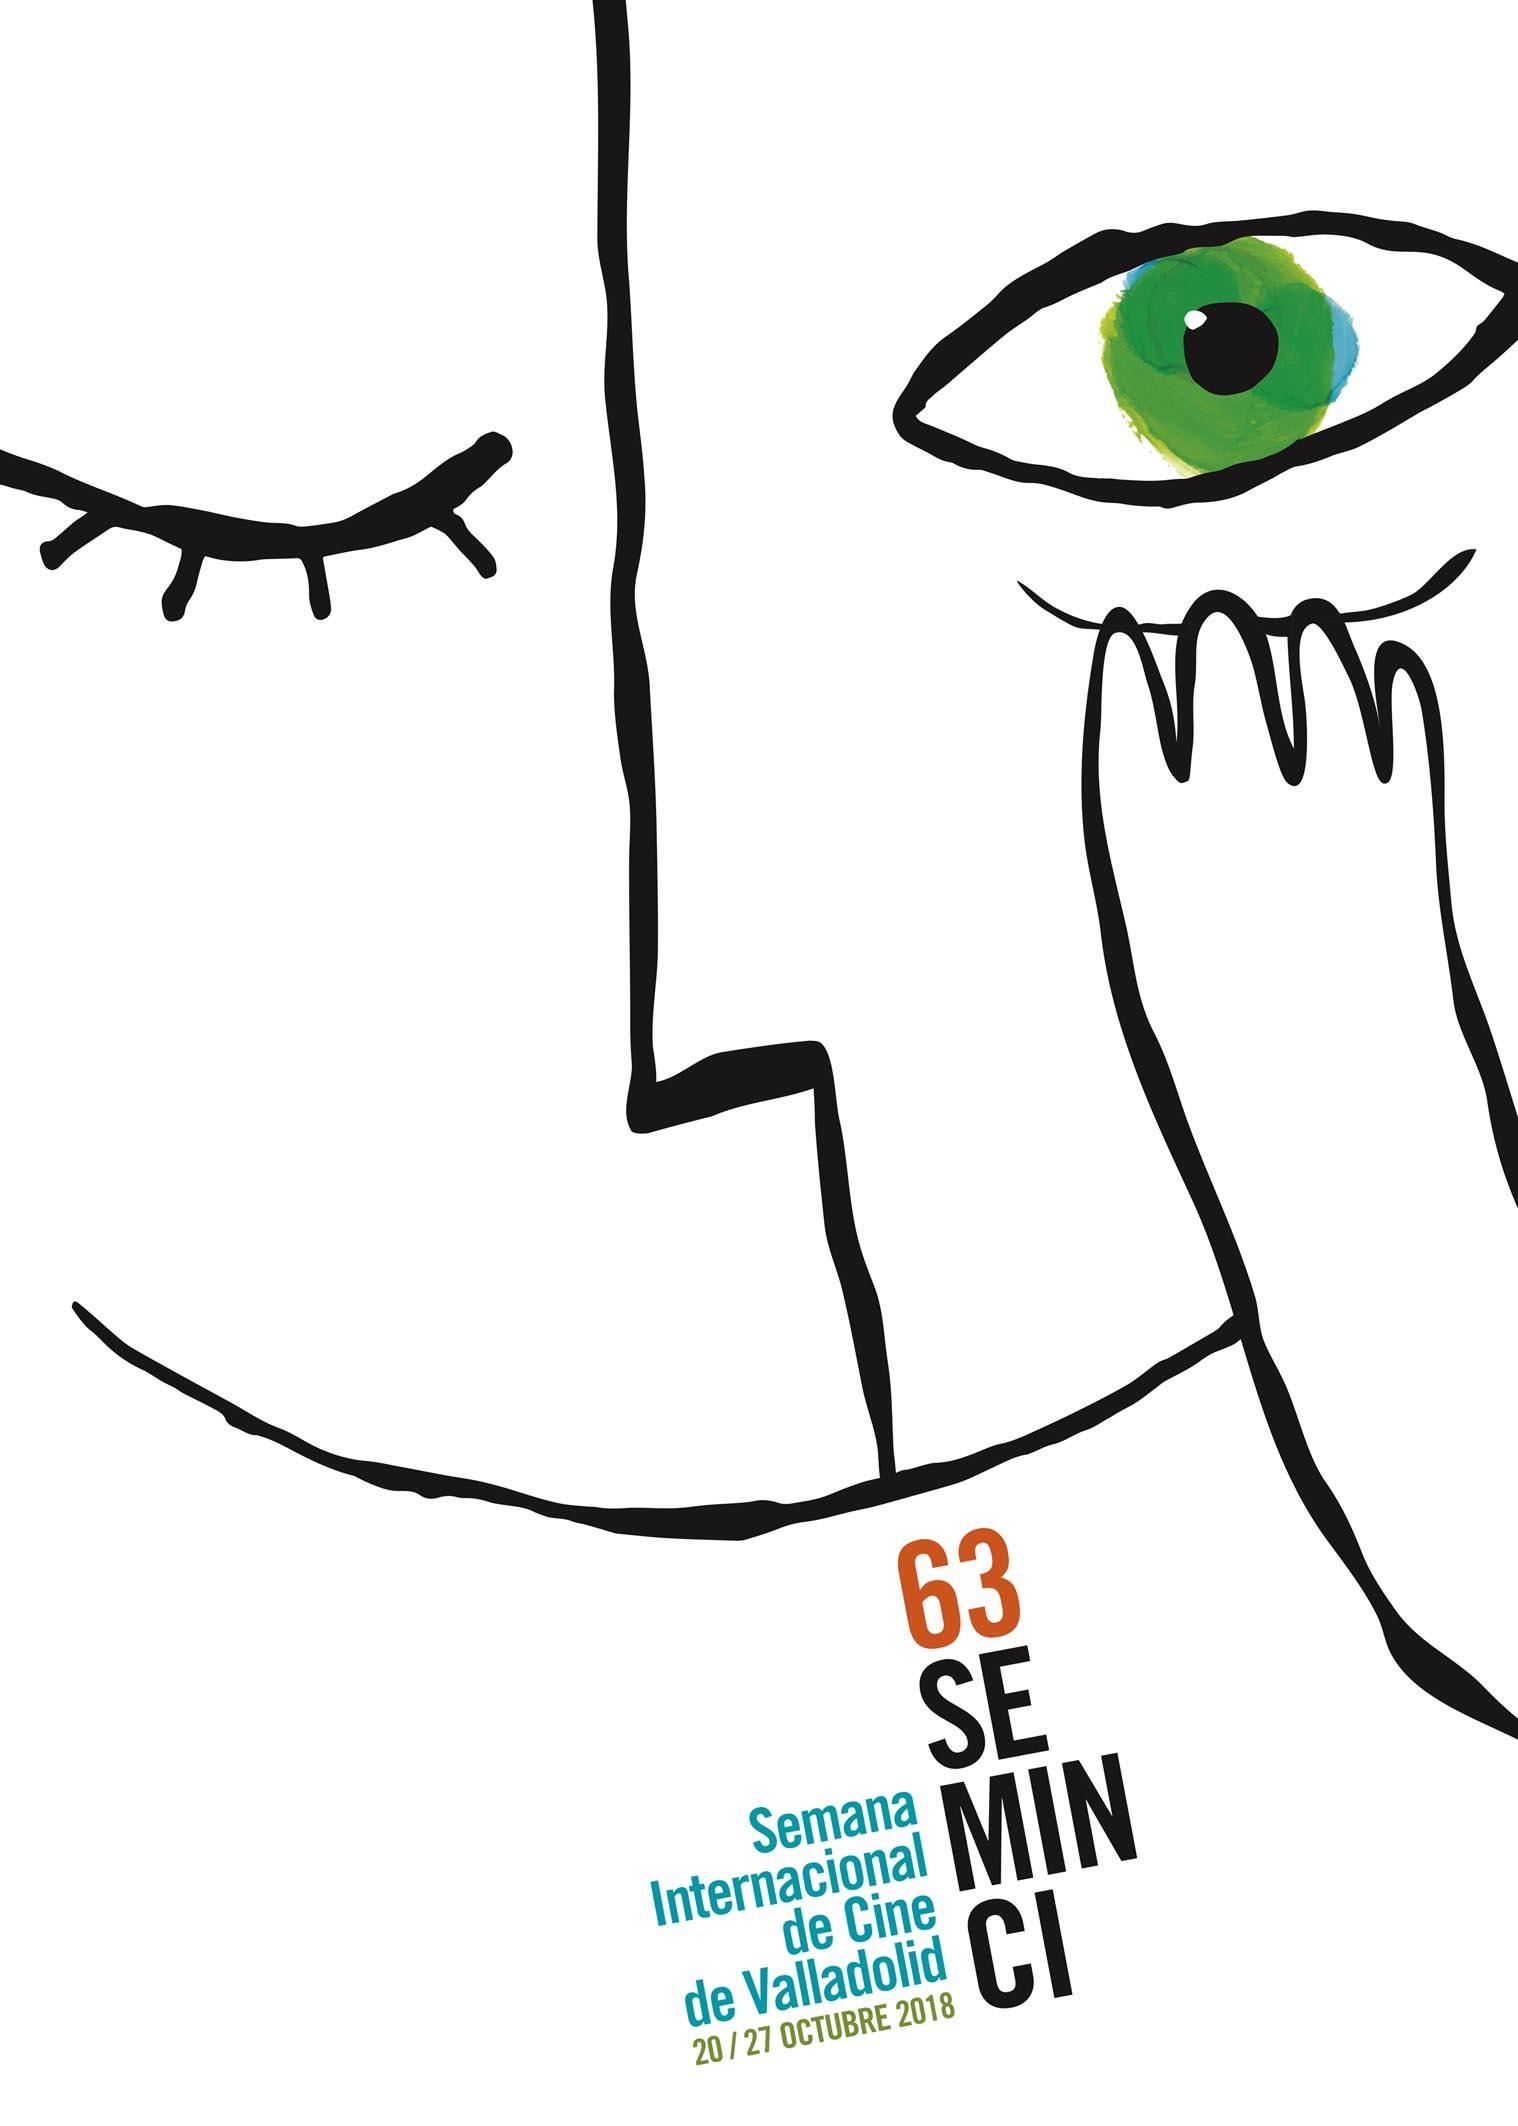 63 SEMINCI: Se presentan los carteles y nuevos detalles